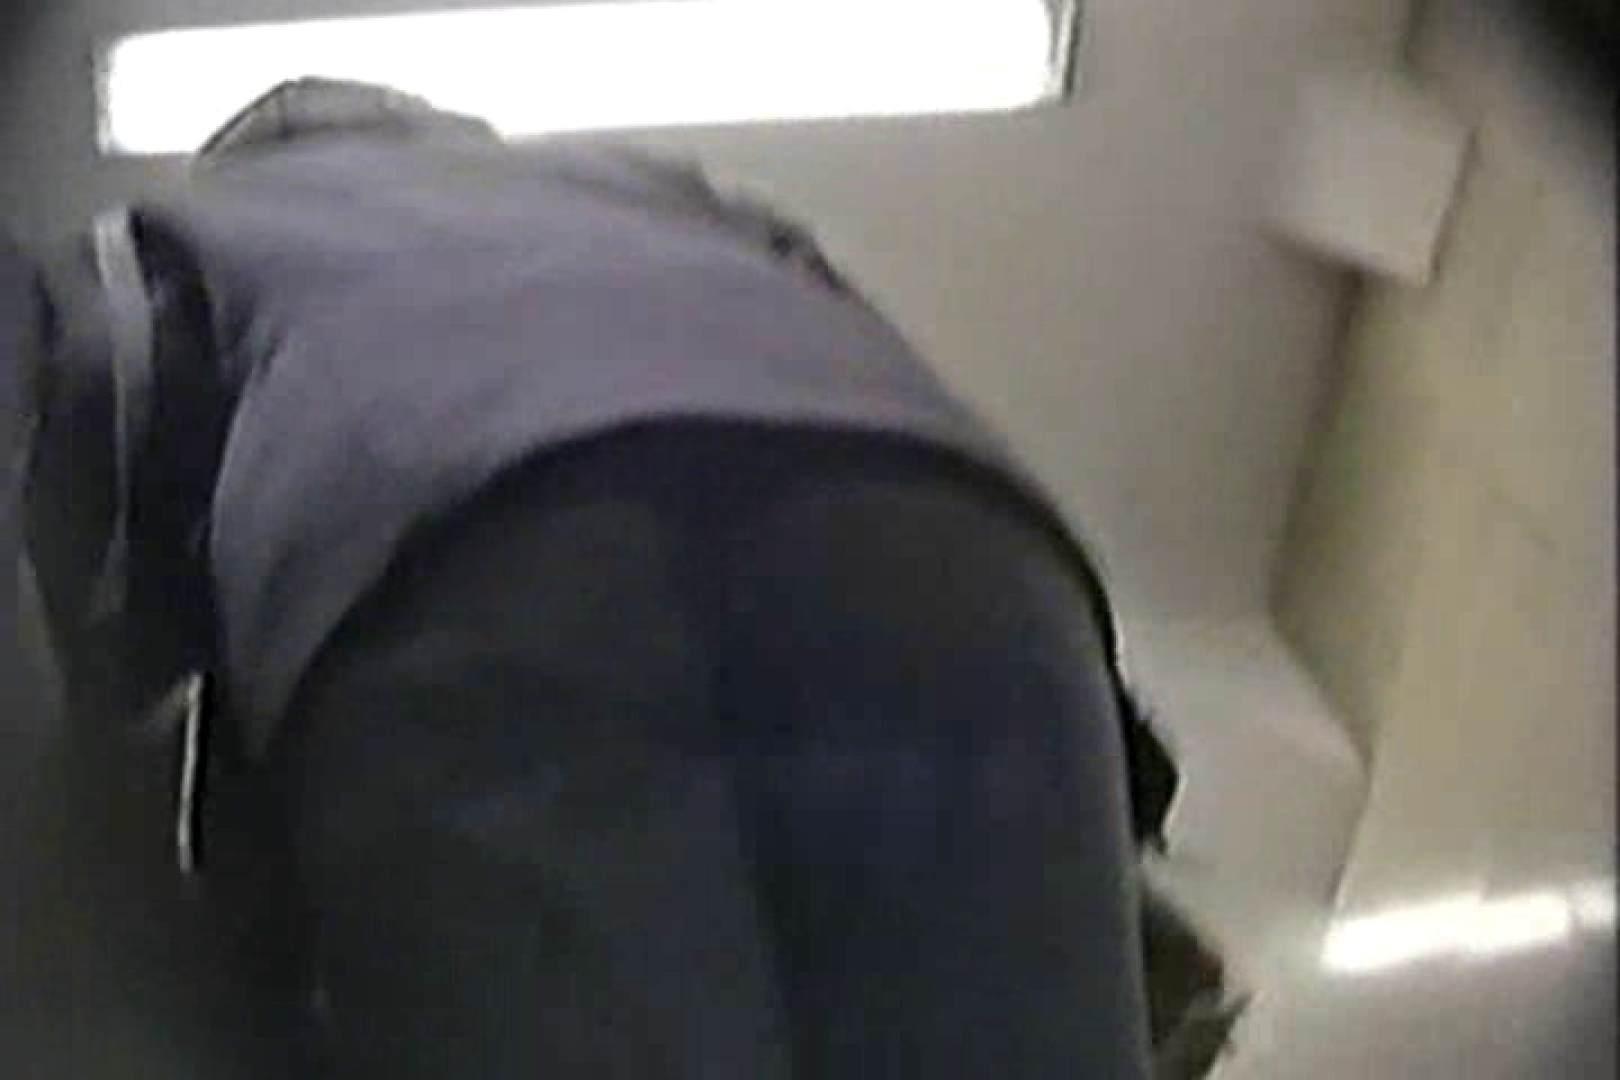 投稿盗撮 女子の下着の考察TK-043 エロティックなOL セックス画像 68画像 37